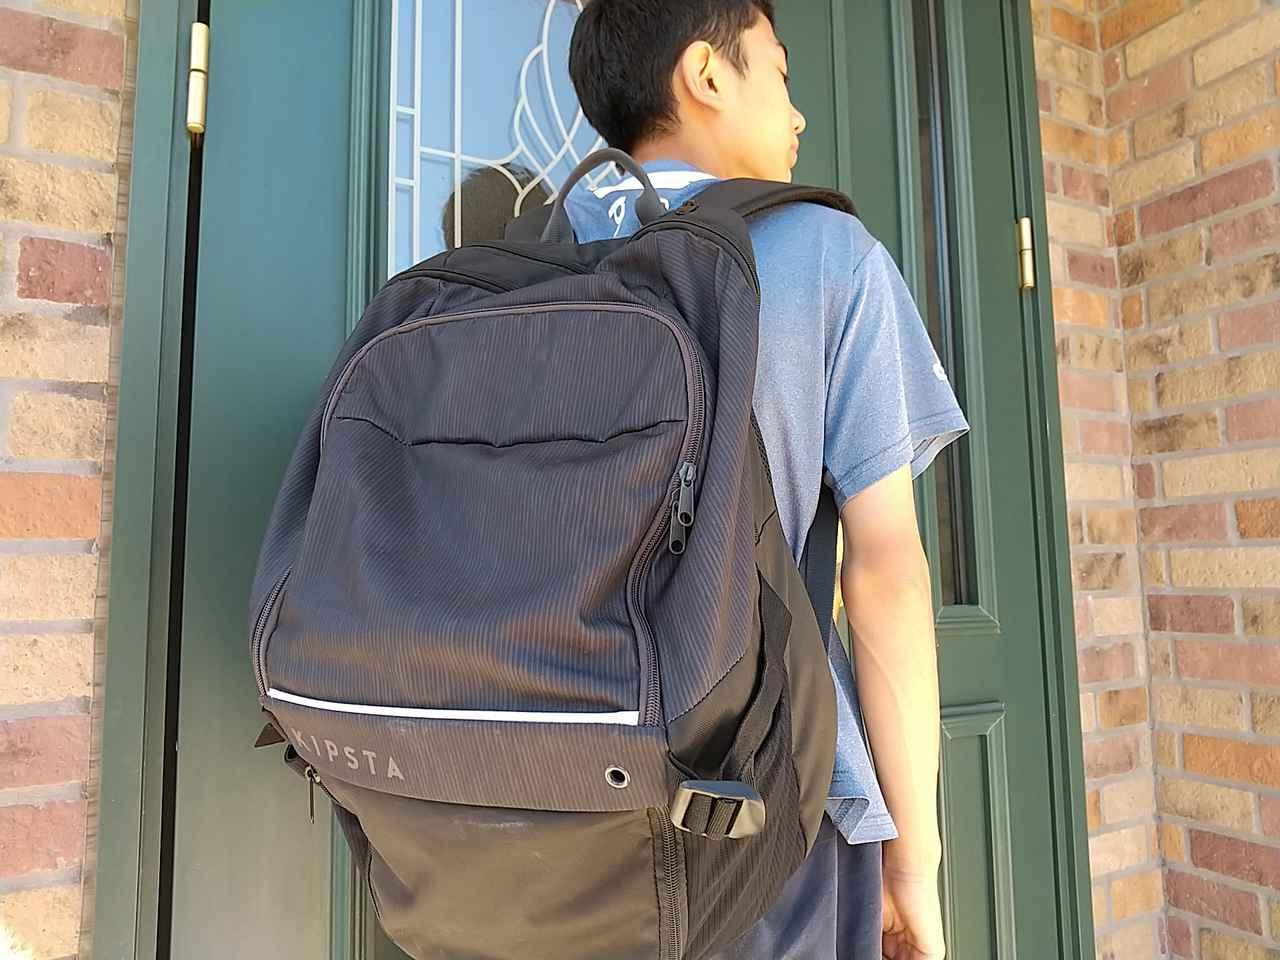 ジム用や子供の部活バッグに!大容量リュック・デカトロン「キプスタ バックパック」を徹底レビュー